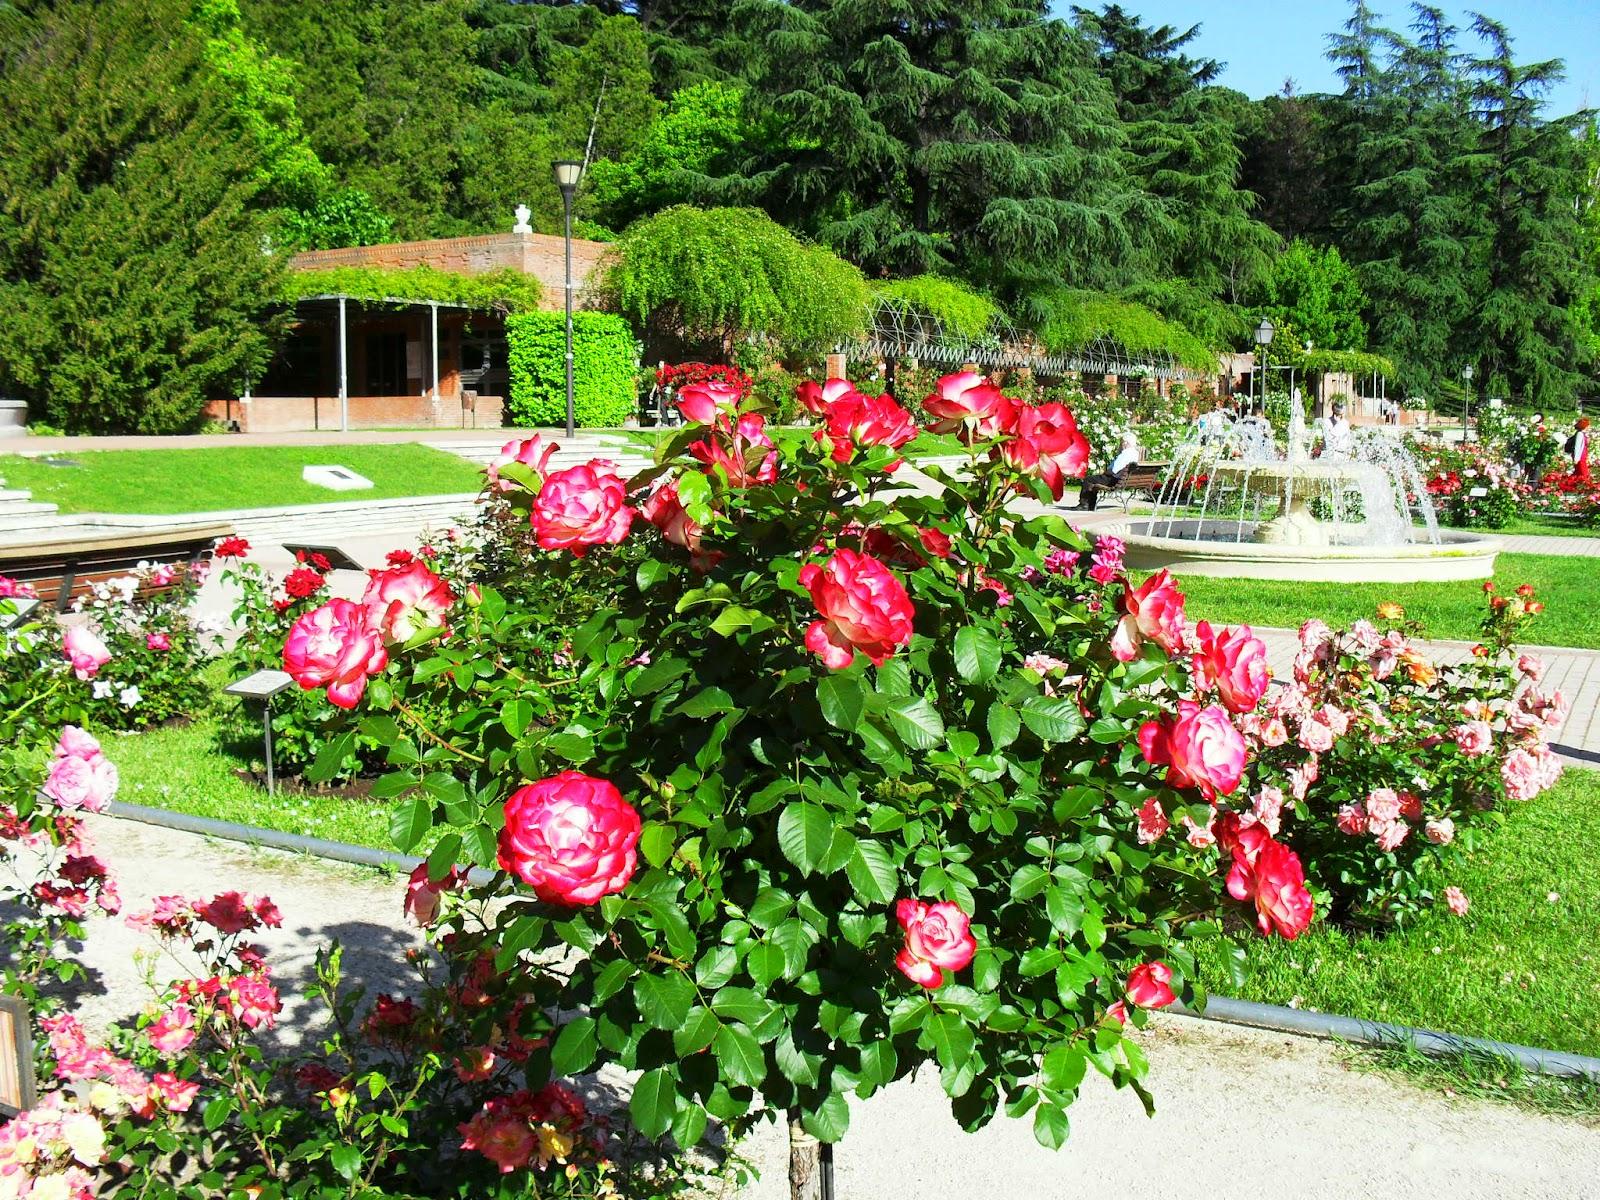 Arte y jardiner a el jard n de rosas for Jardines grandes